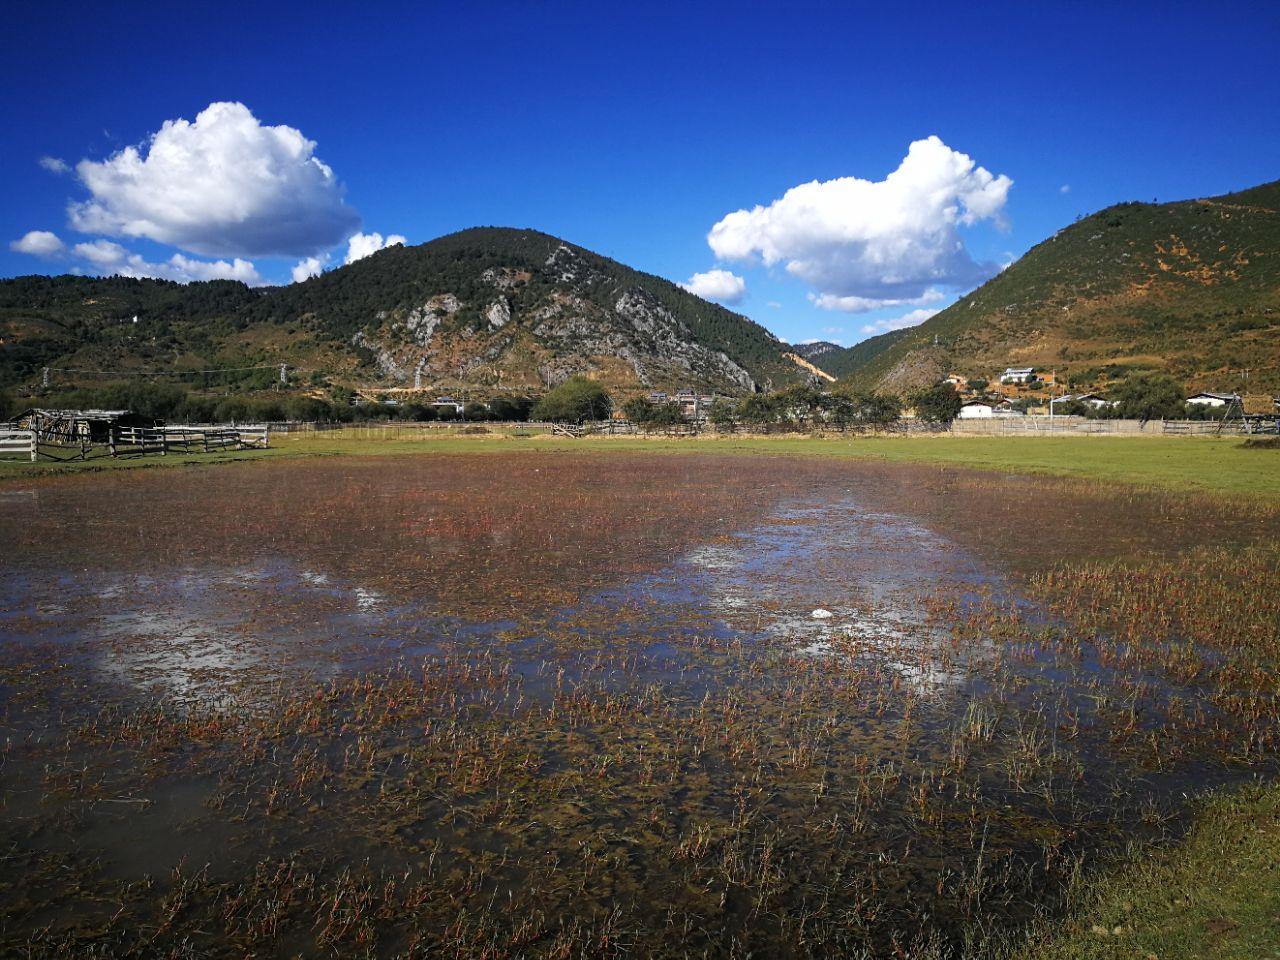 石林峡周边_如果是去云南五日游的话,想去香格里拉及周边应该怎么安排 ...